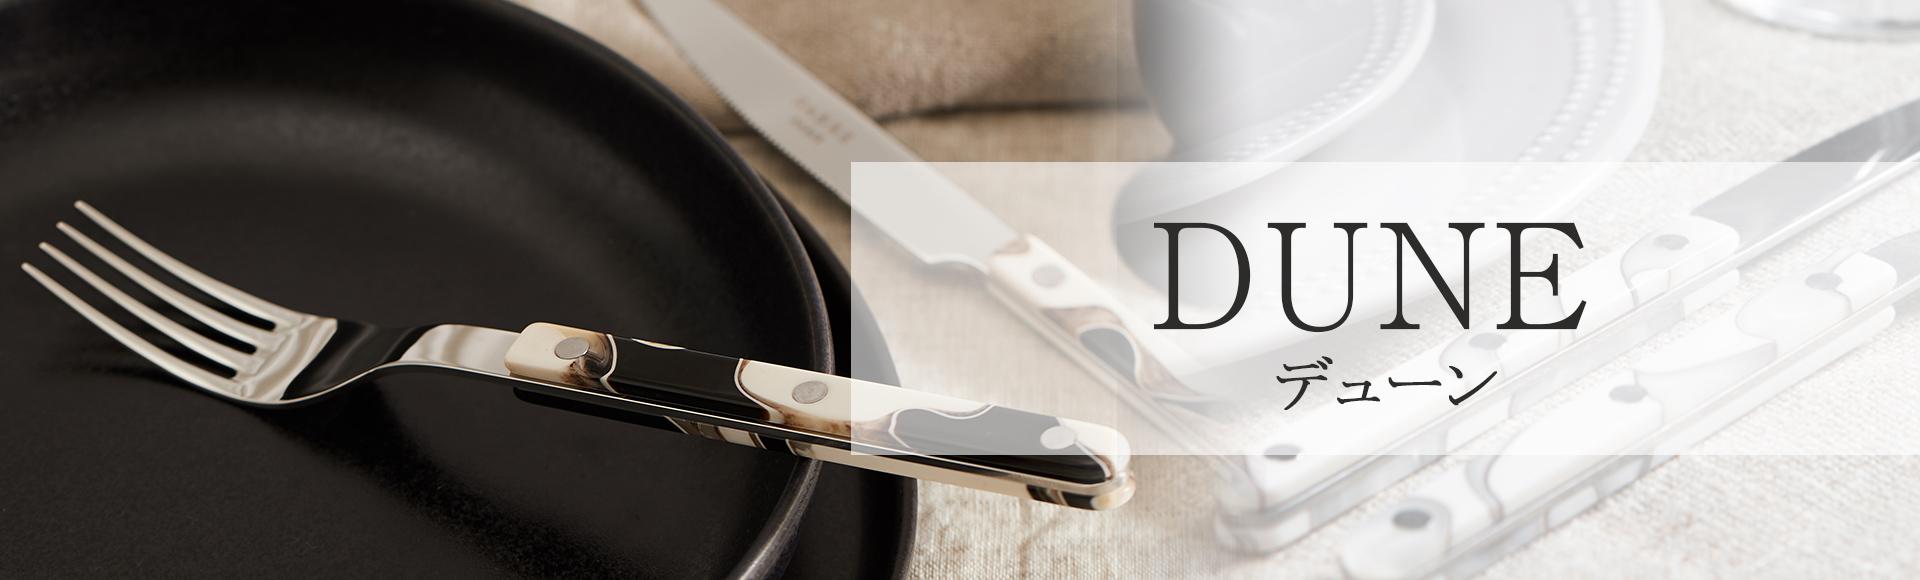 フランスのカトラリーブランドSABREの、透明感のあるマーブル模様の柄が特徴的で美しいDuneシリーズ。マットな色味とクリアな色味が上品でシックな印象の、ブラックと白の2色展開です。